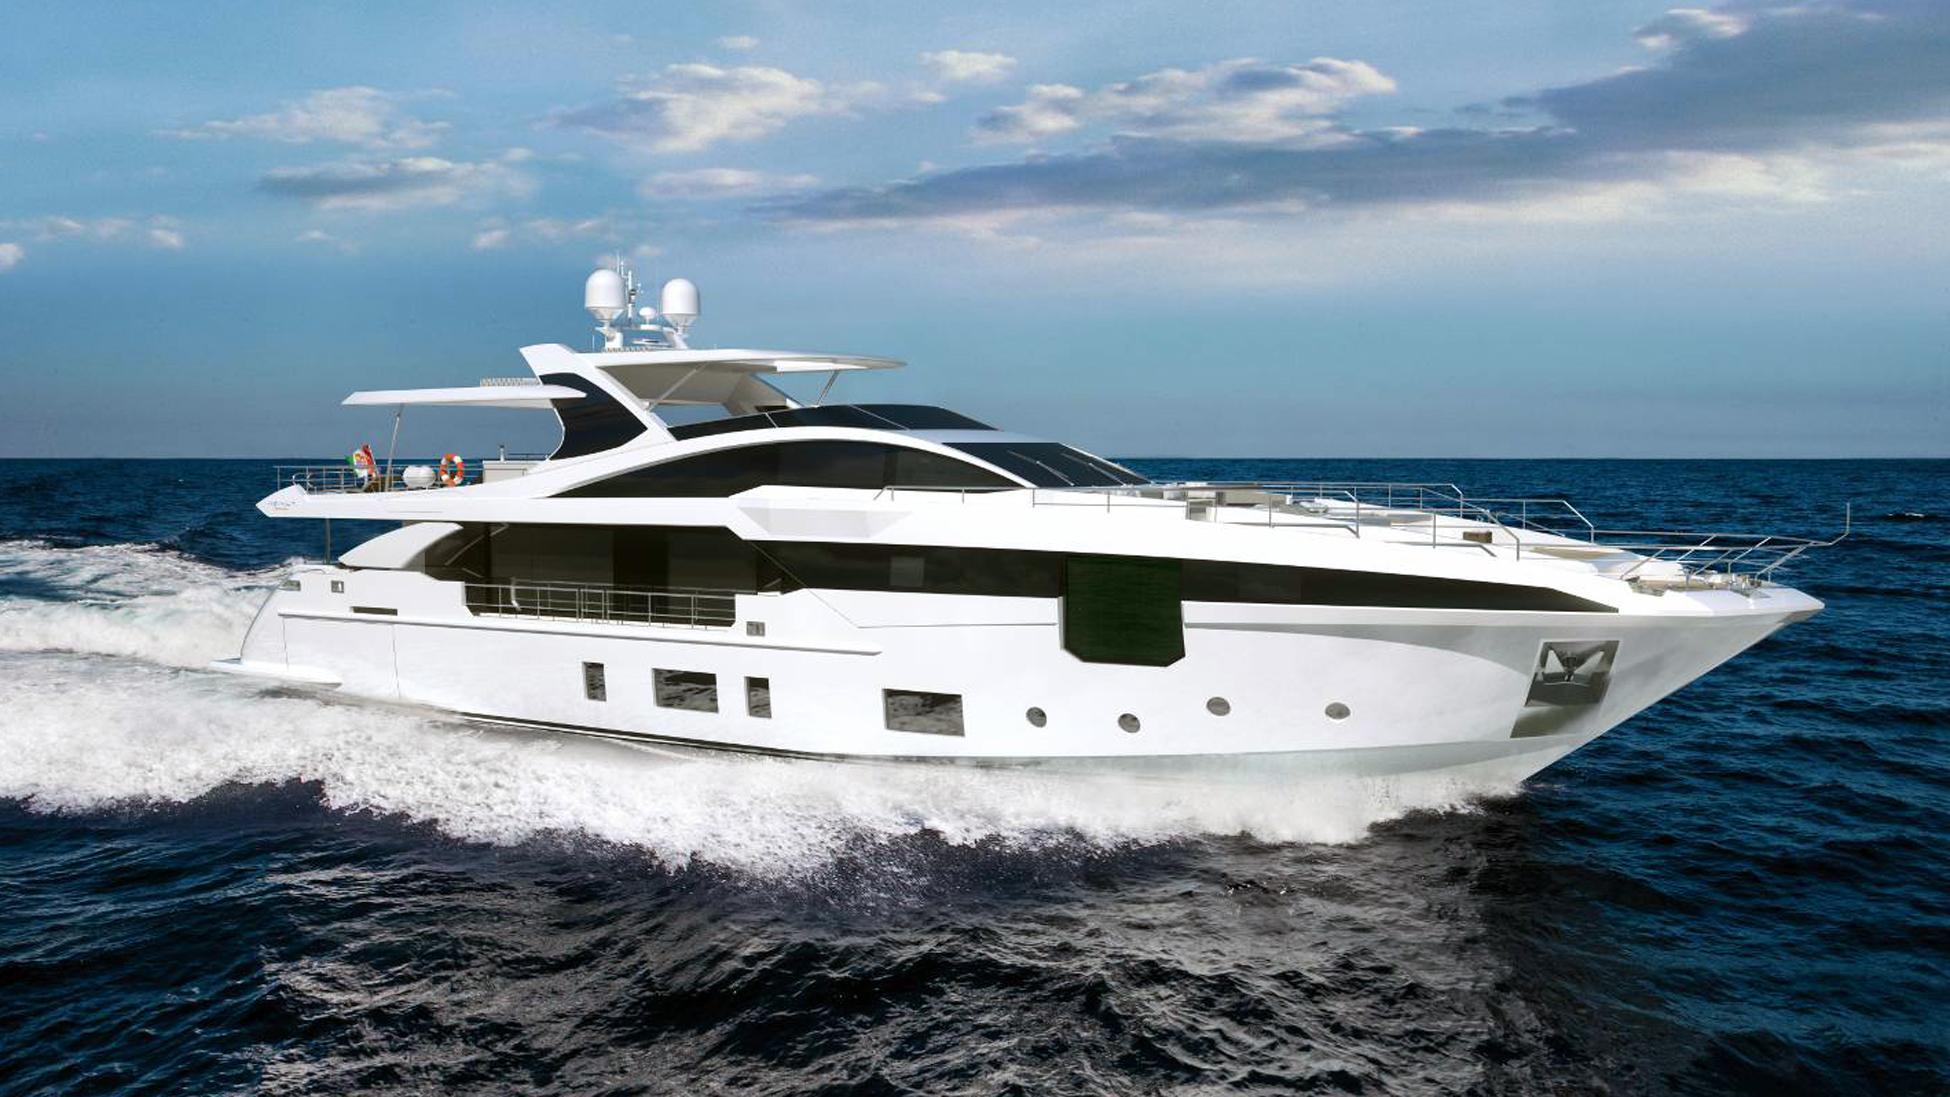 azimut 35m hull 12 motoryacht 2017 35m cruising rendering